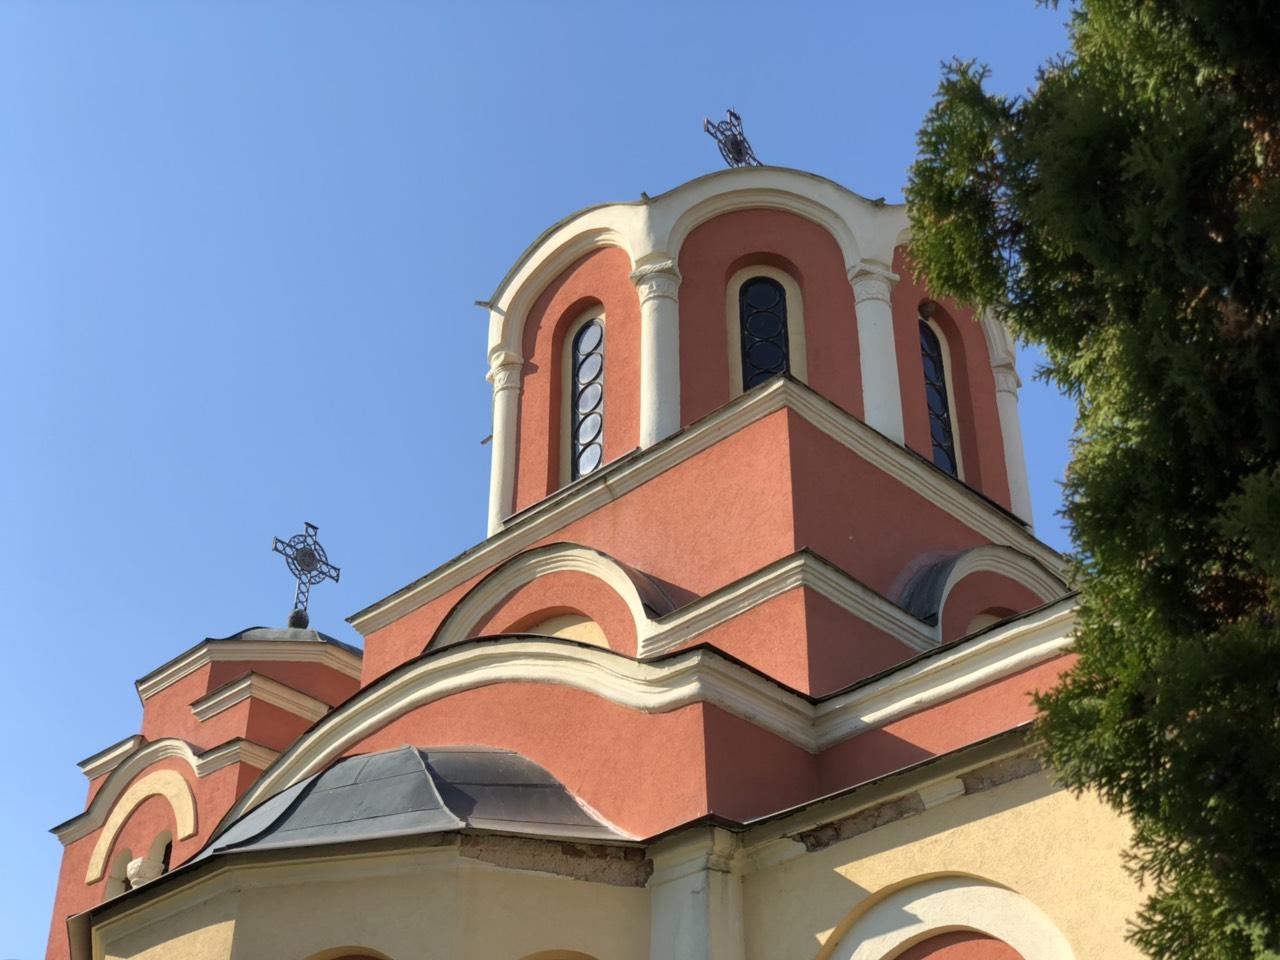 Fasada crkve, foto: D. Miladinović